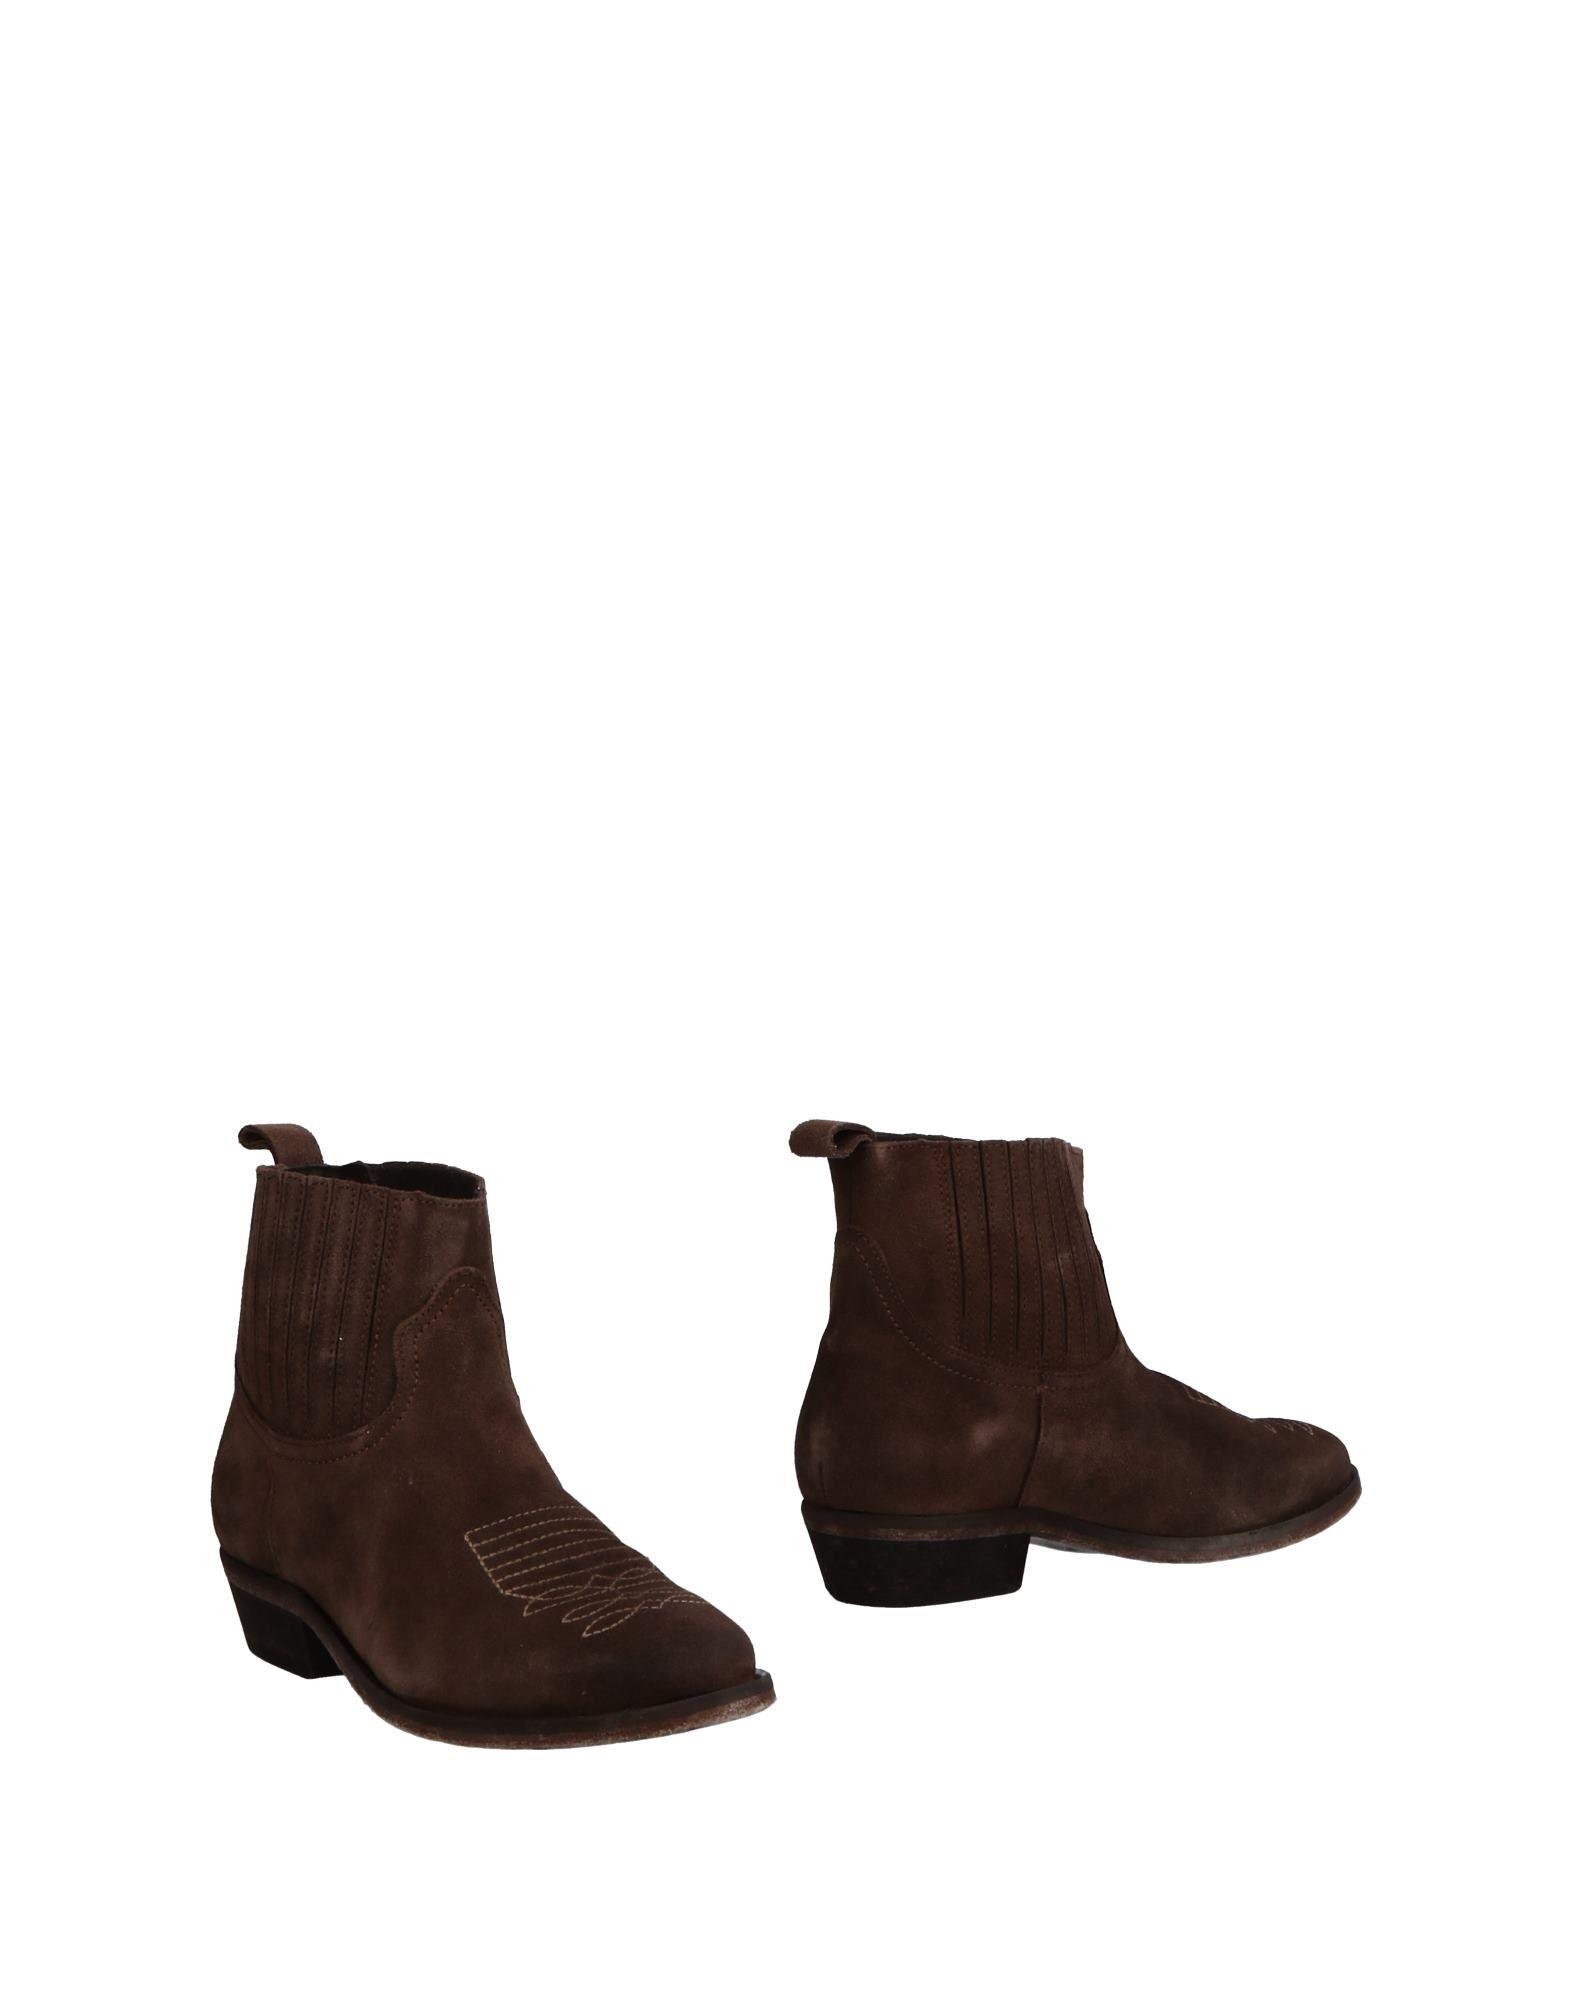 Catarina Martins Stiefelette Damen  11507389RO Gute Qualität beliebte Schuhe